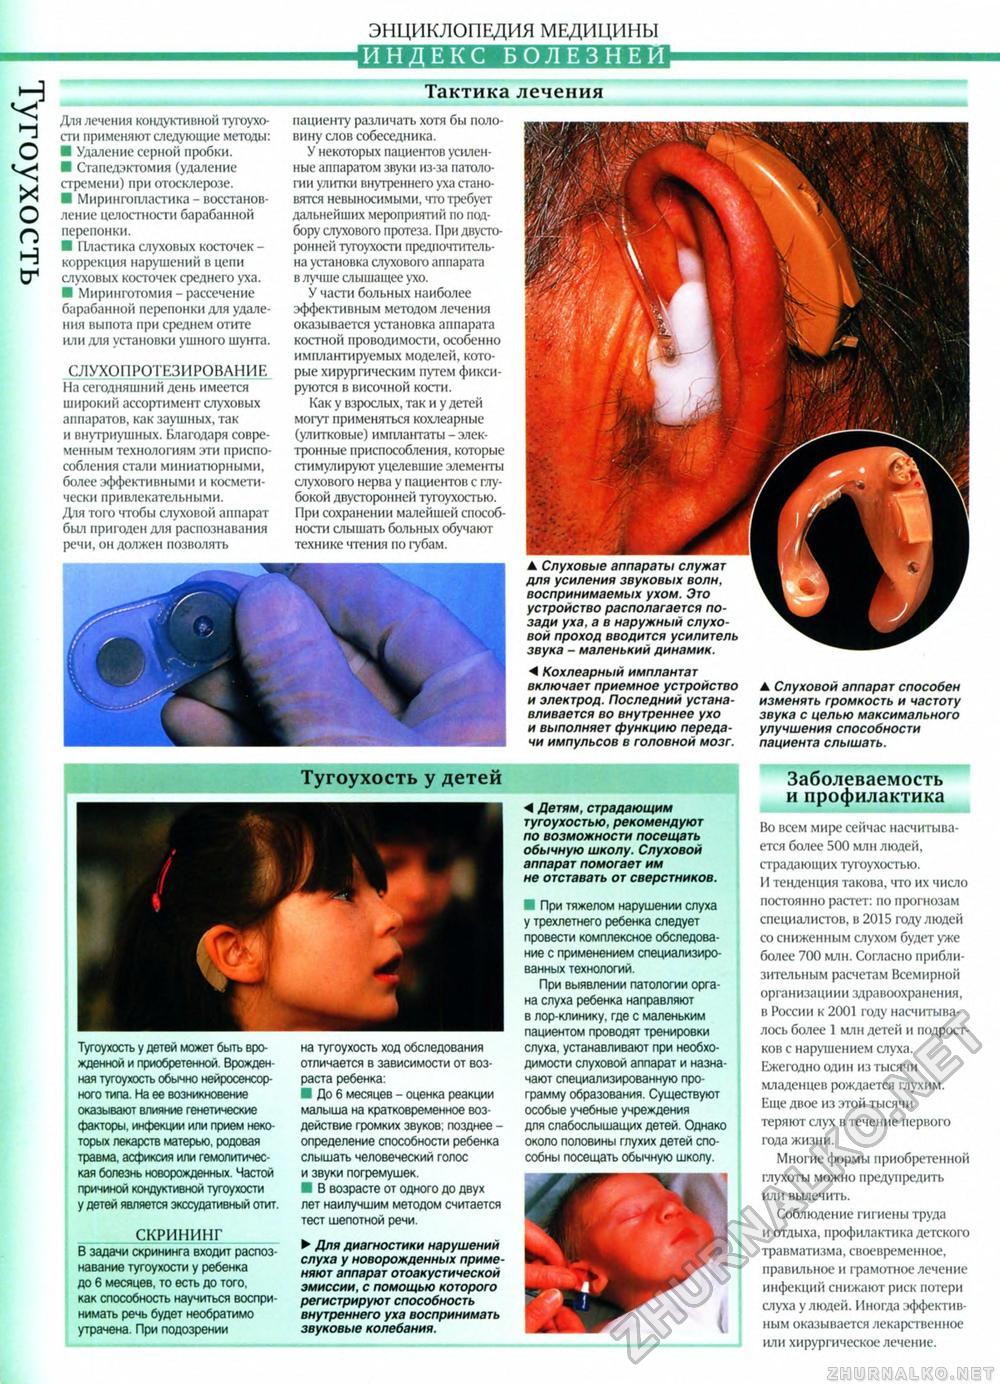 Стапедэктомия фото